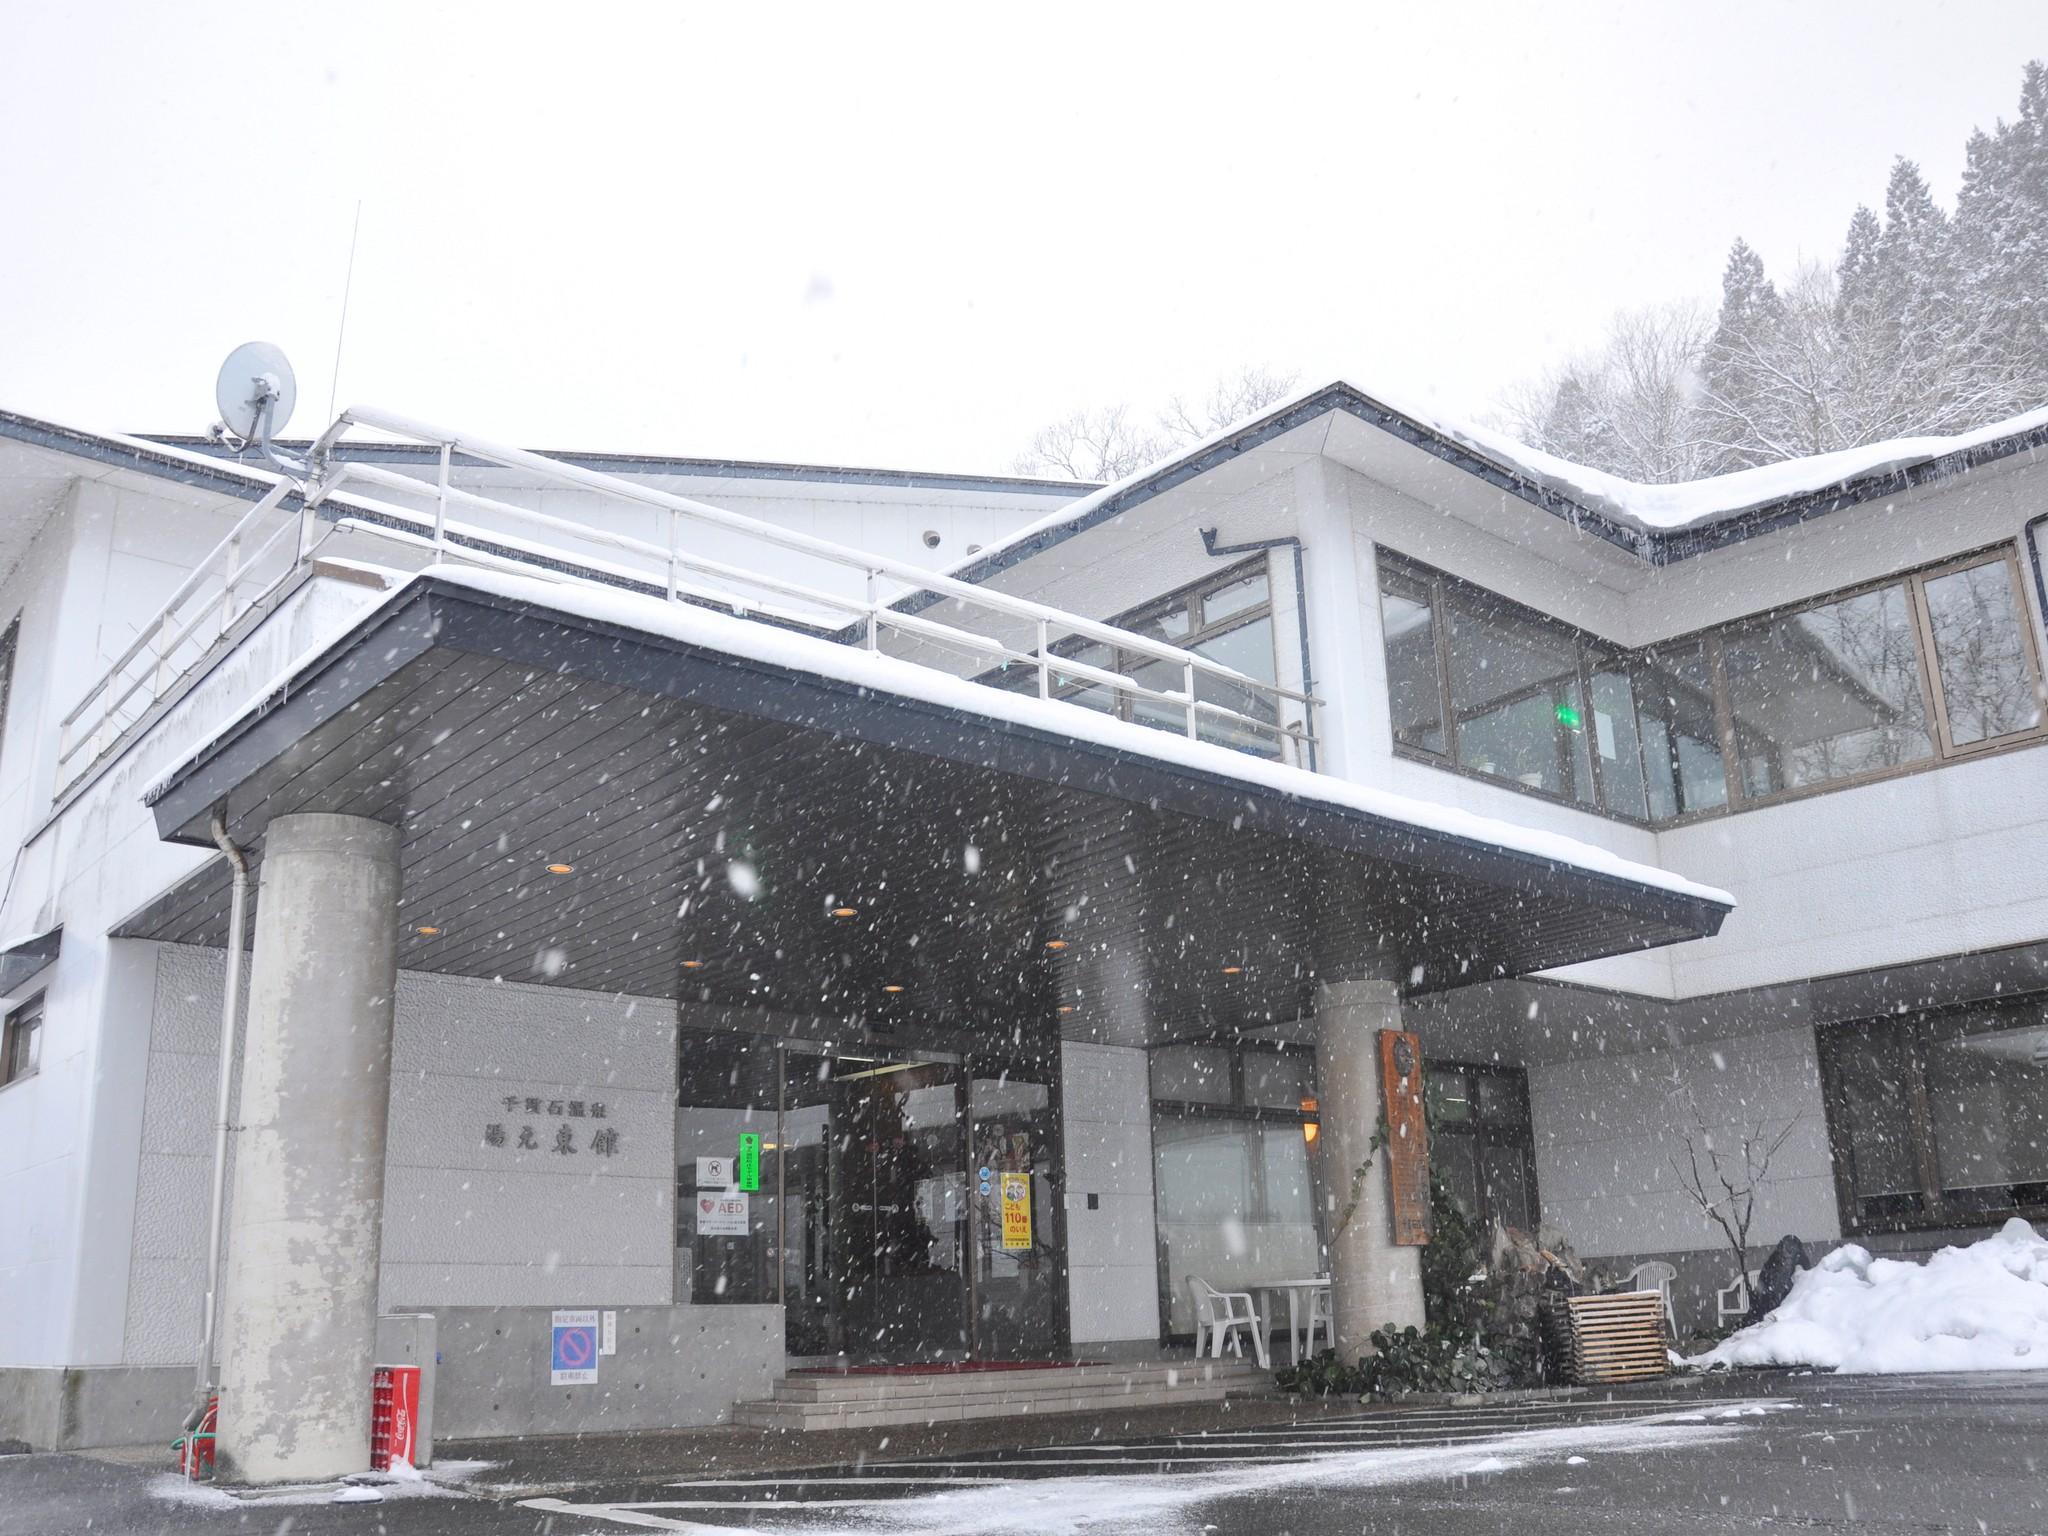 千貫石溫泉湯元東館 Senganishi Onsen Yumoto Azumakan